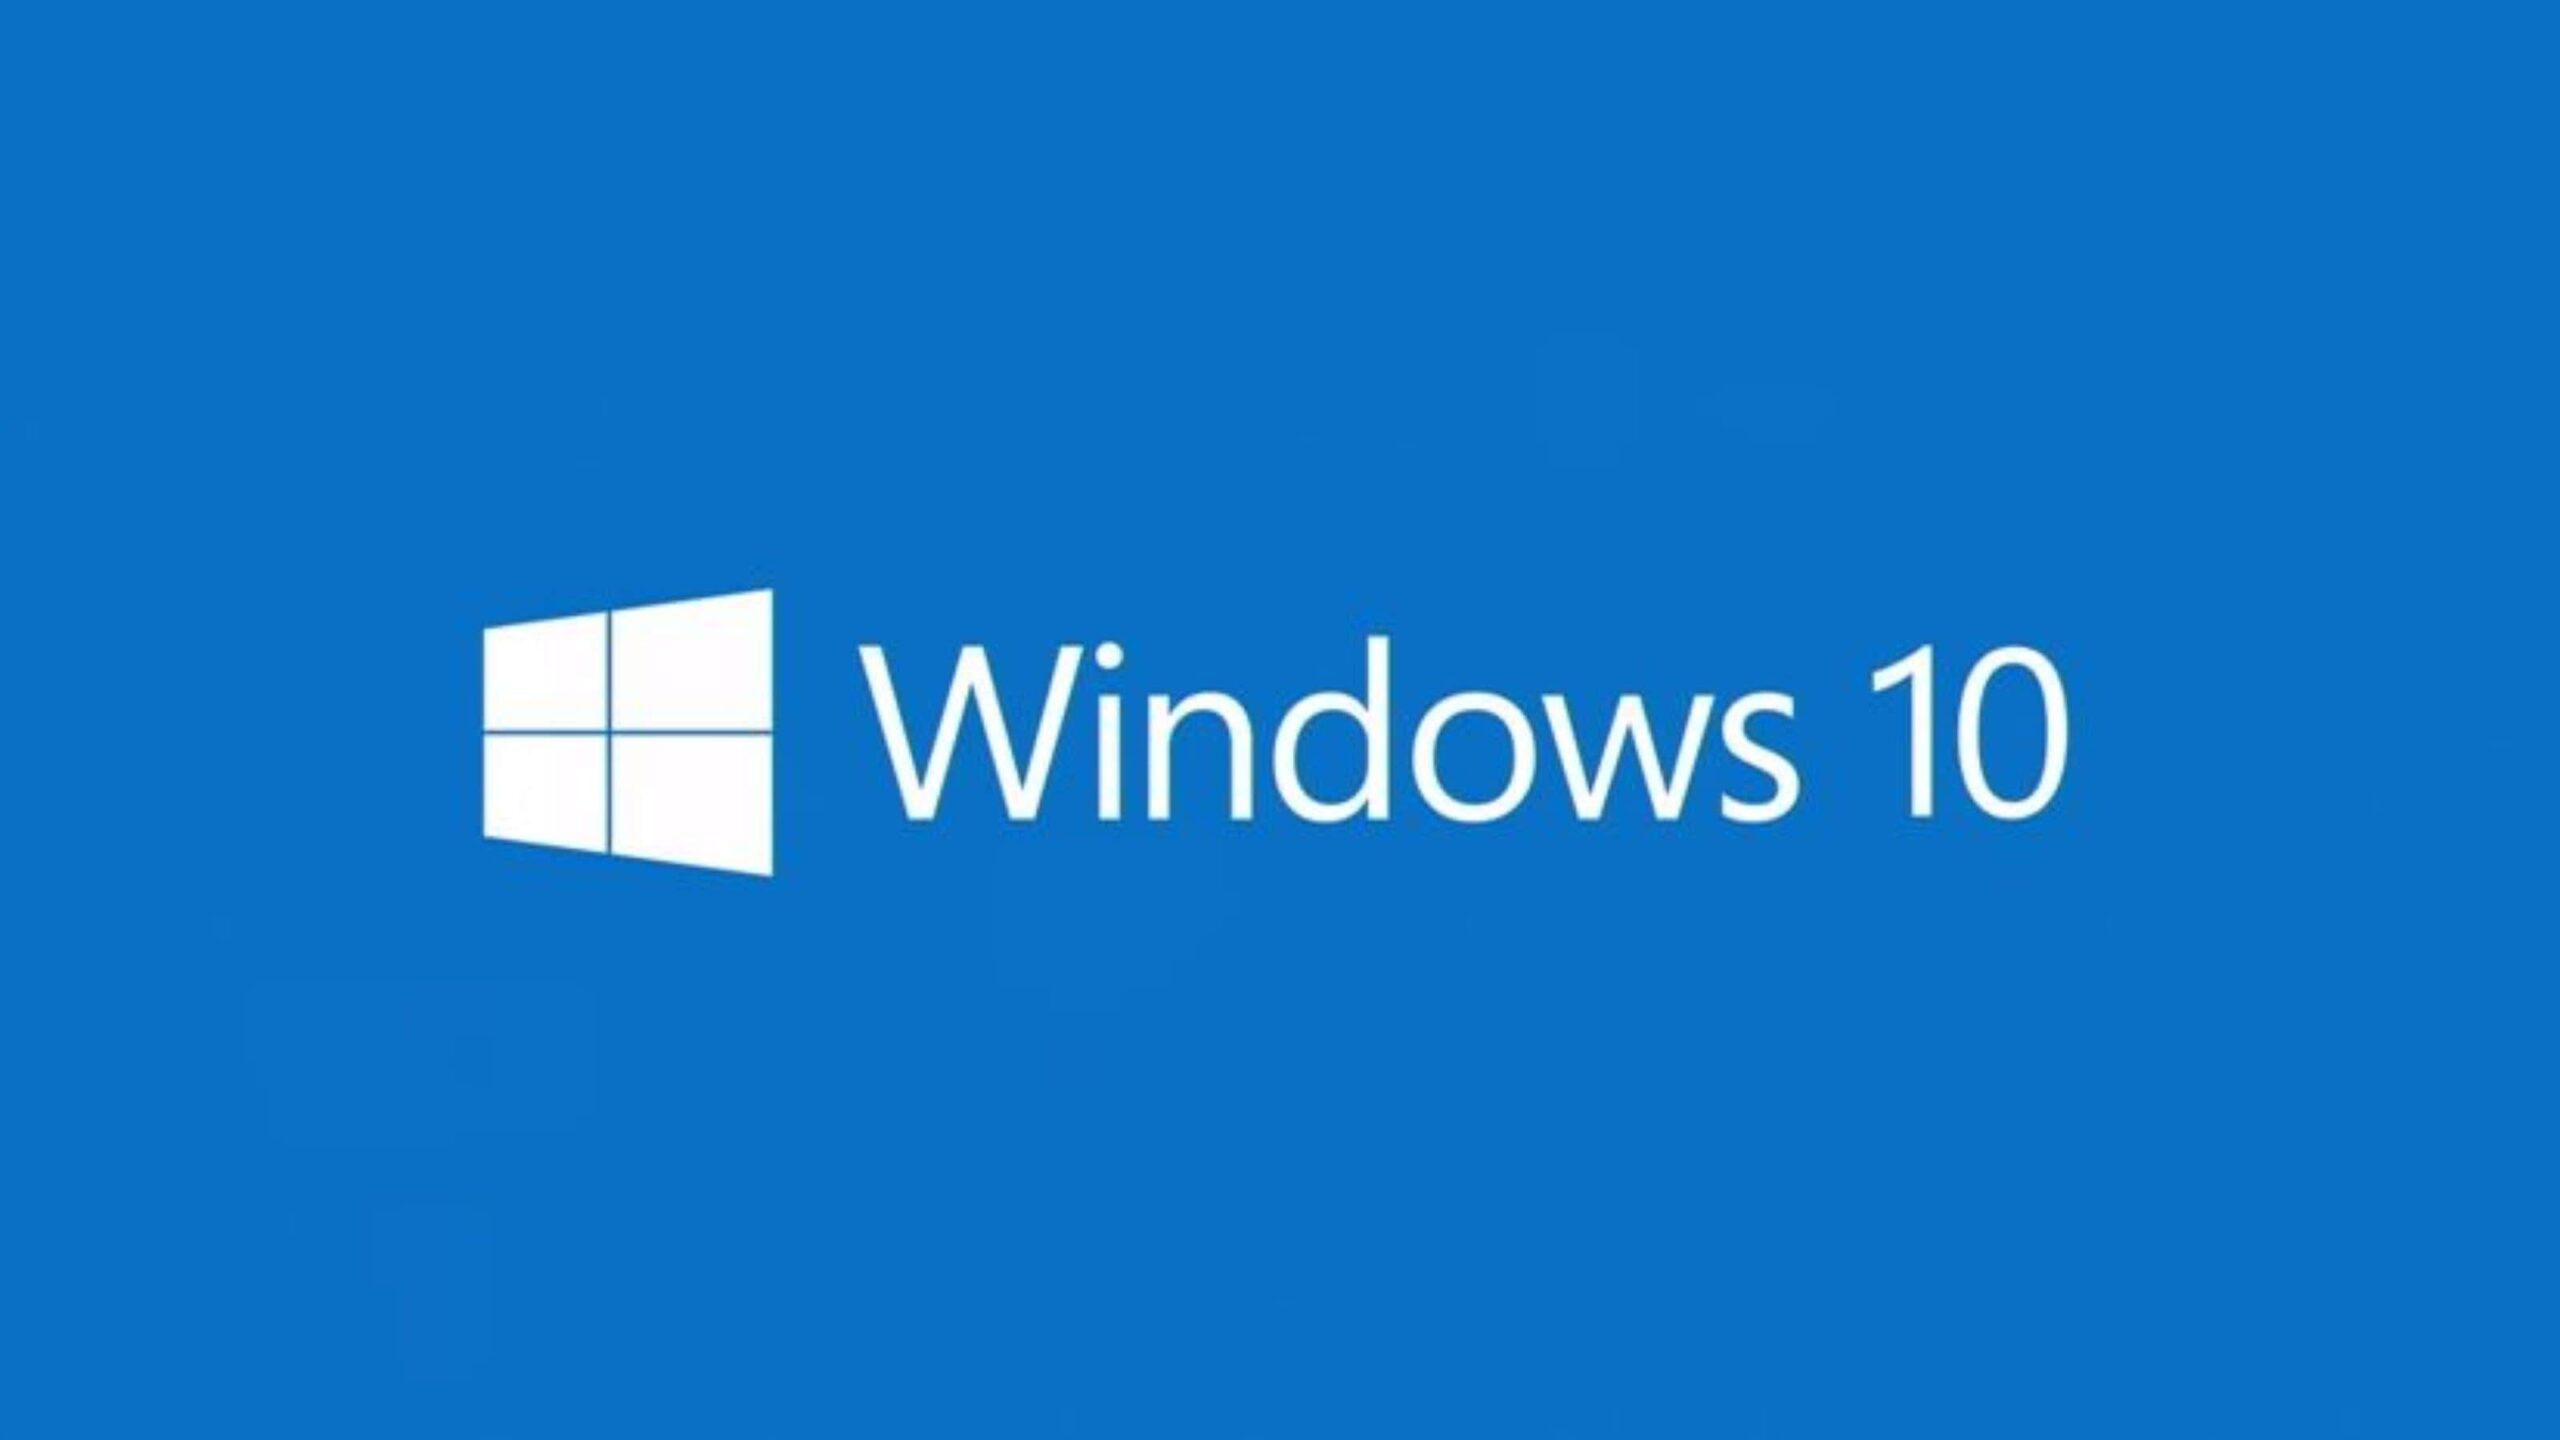 Как обновить Windows 7 до Windows 10: пошаговая инструкция